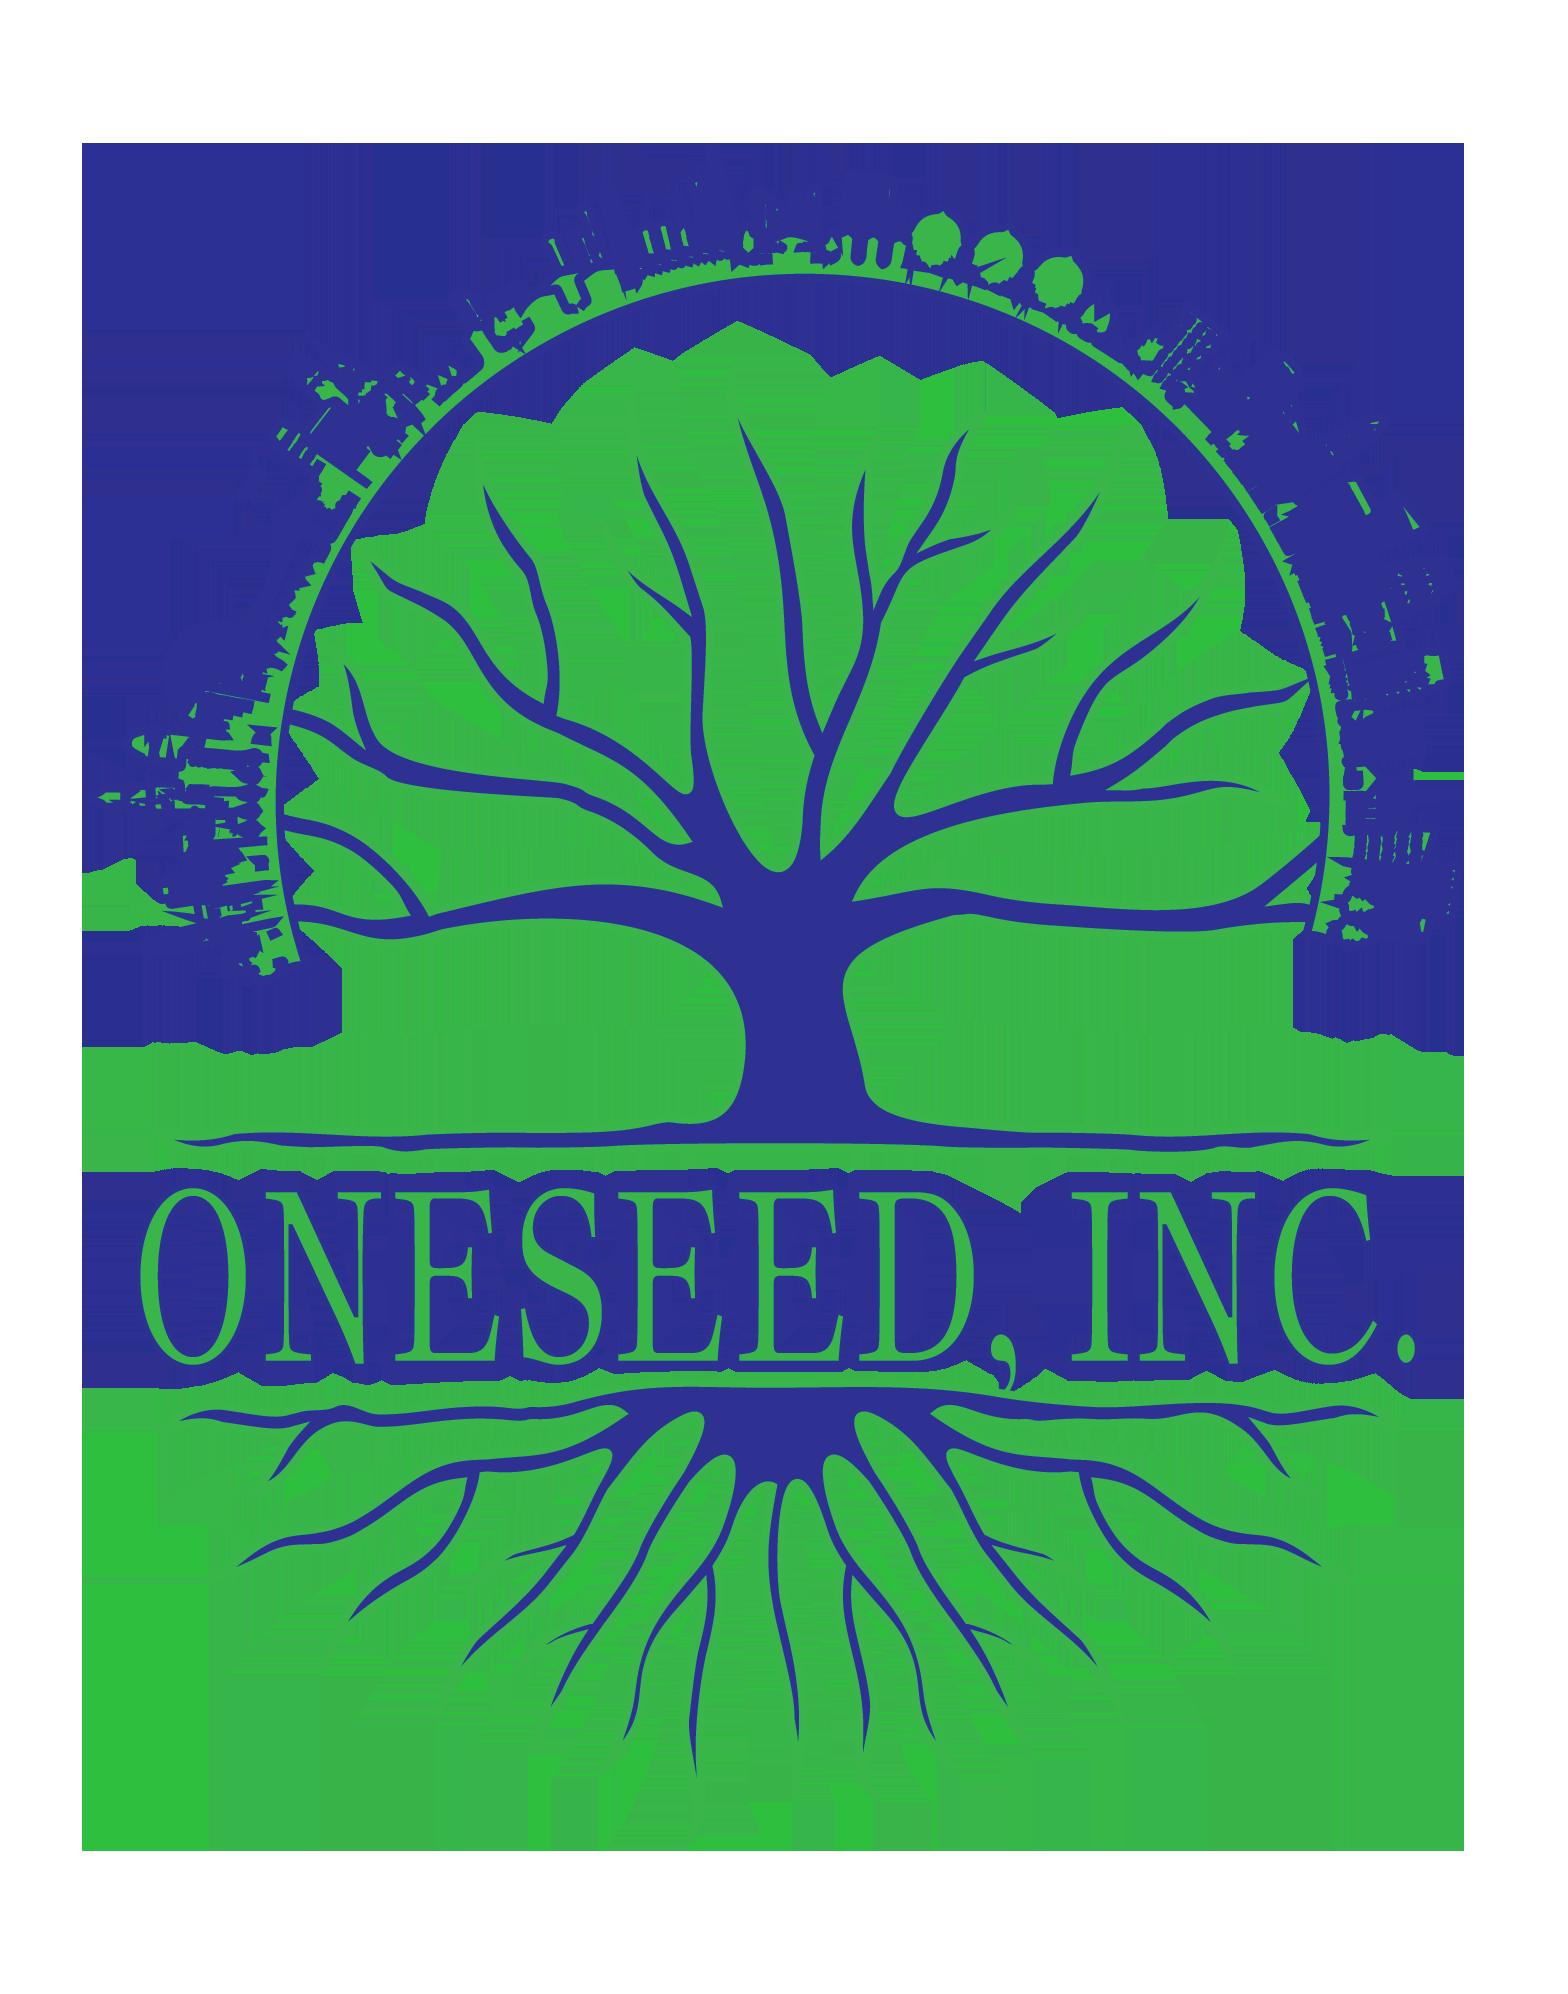 OneSeed, Inc.